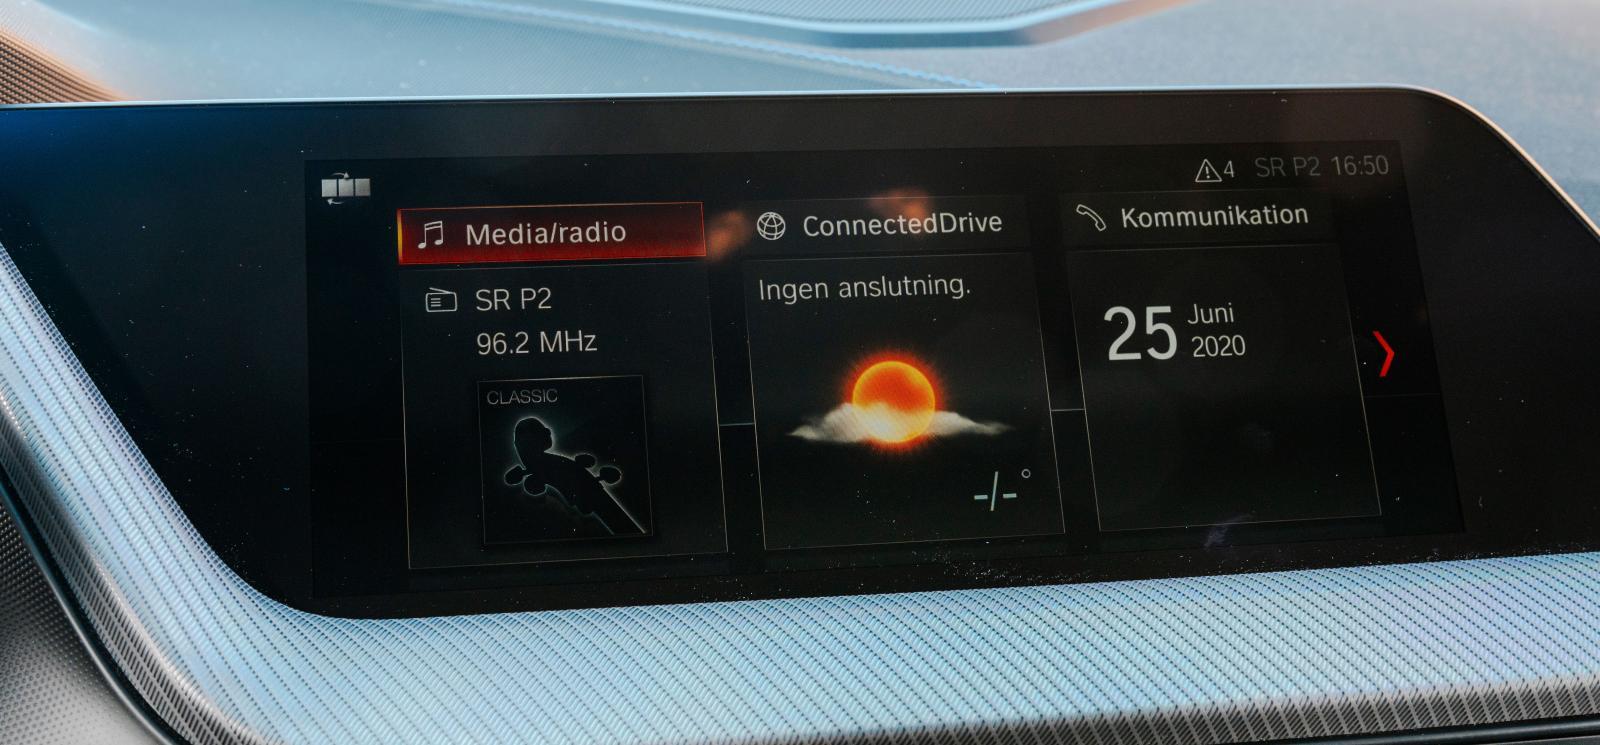 BMW:s skärm är förhållandevis smal. Tydligt menysystem men det blir mycket klickande och rullande i menyerna.